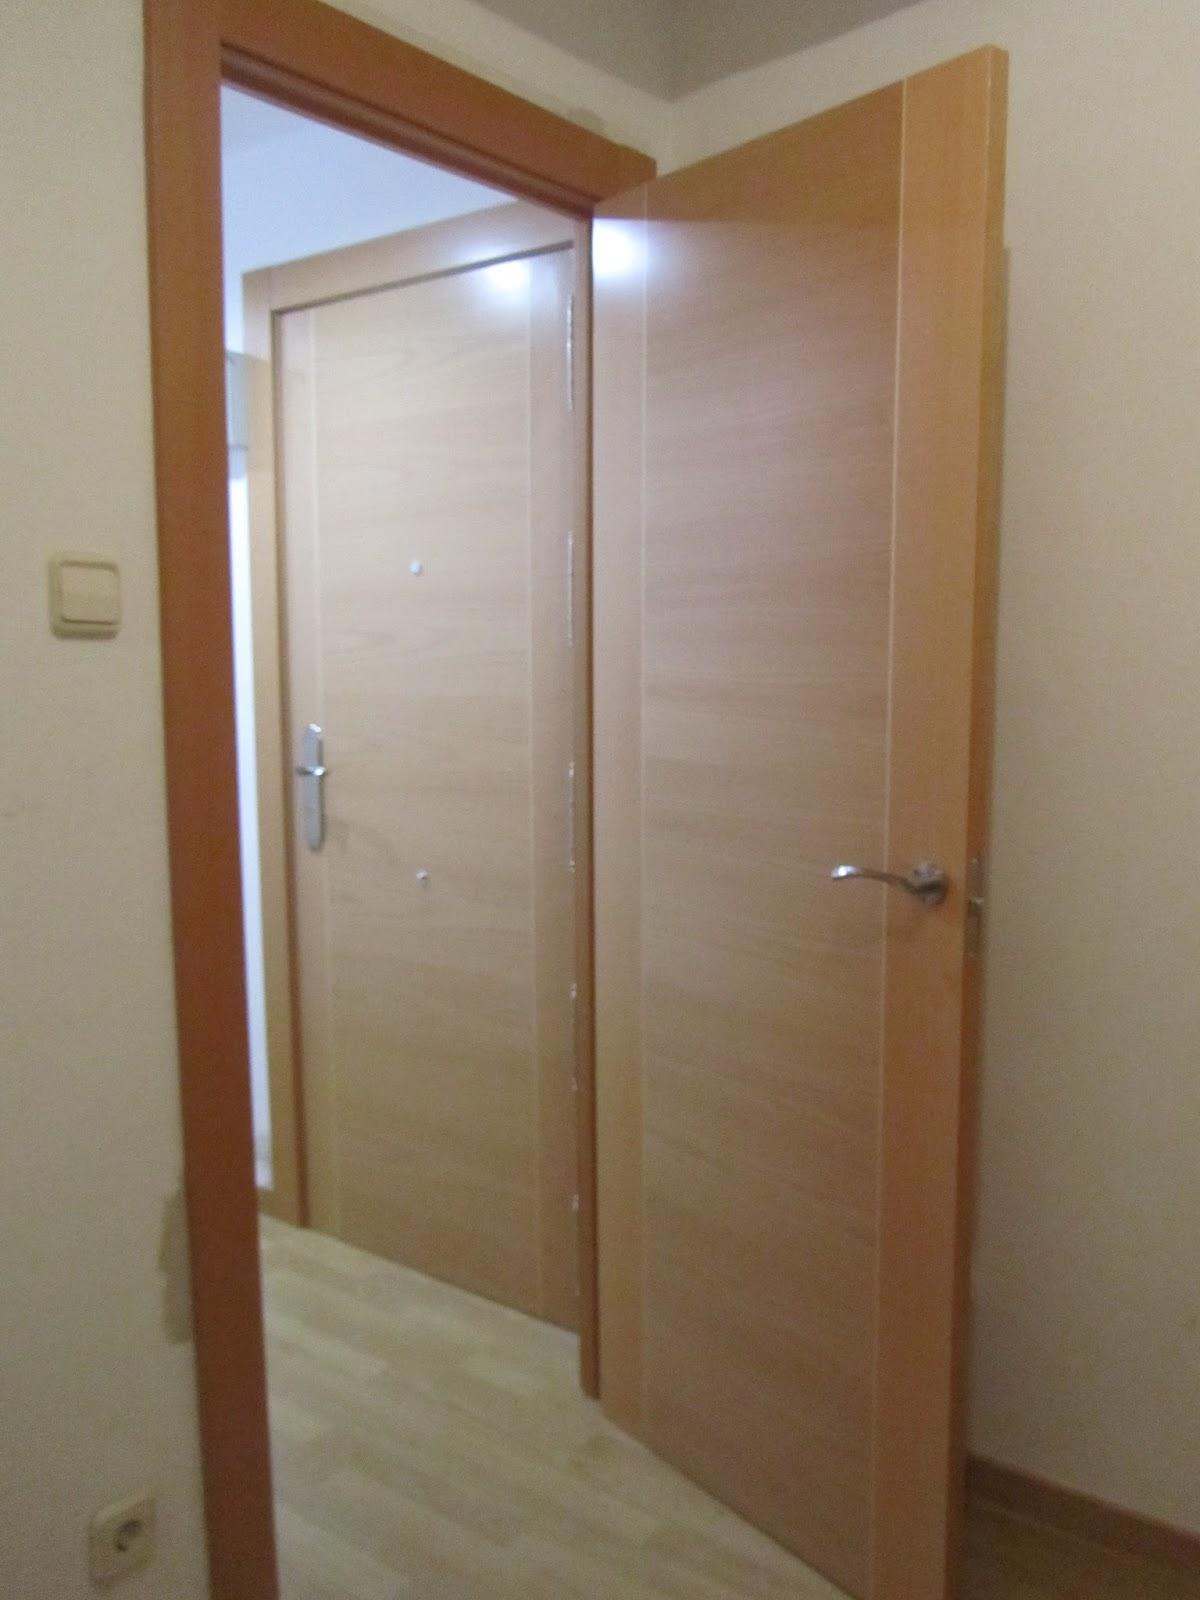 Puertas lozano puerta blindada puertas interior en haya - Puertas haya vaporizada ...